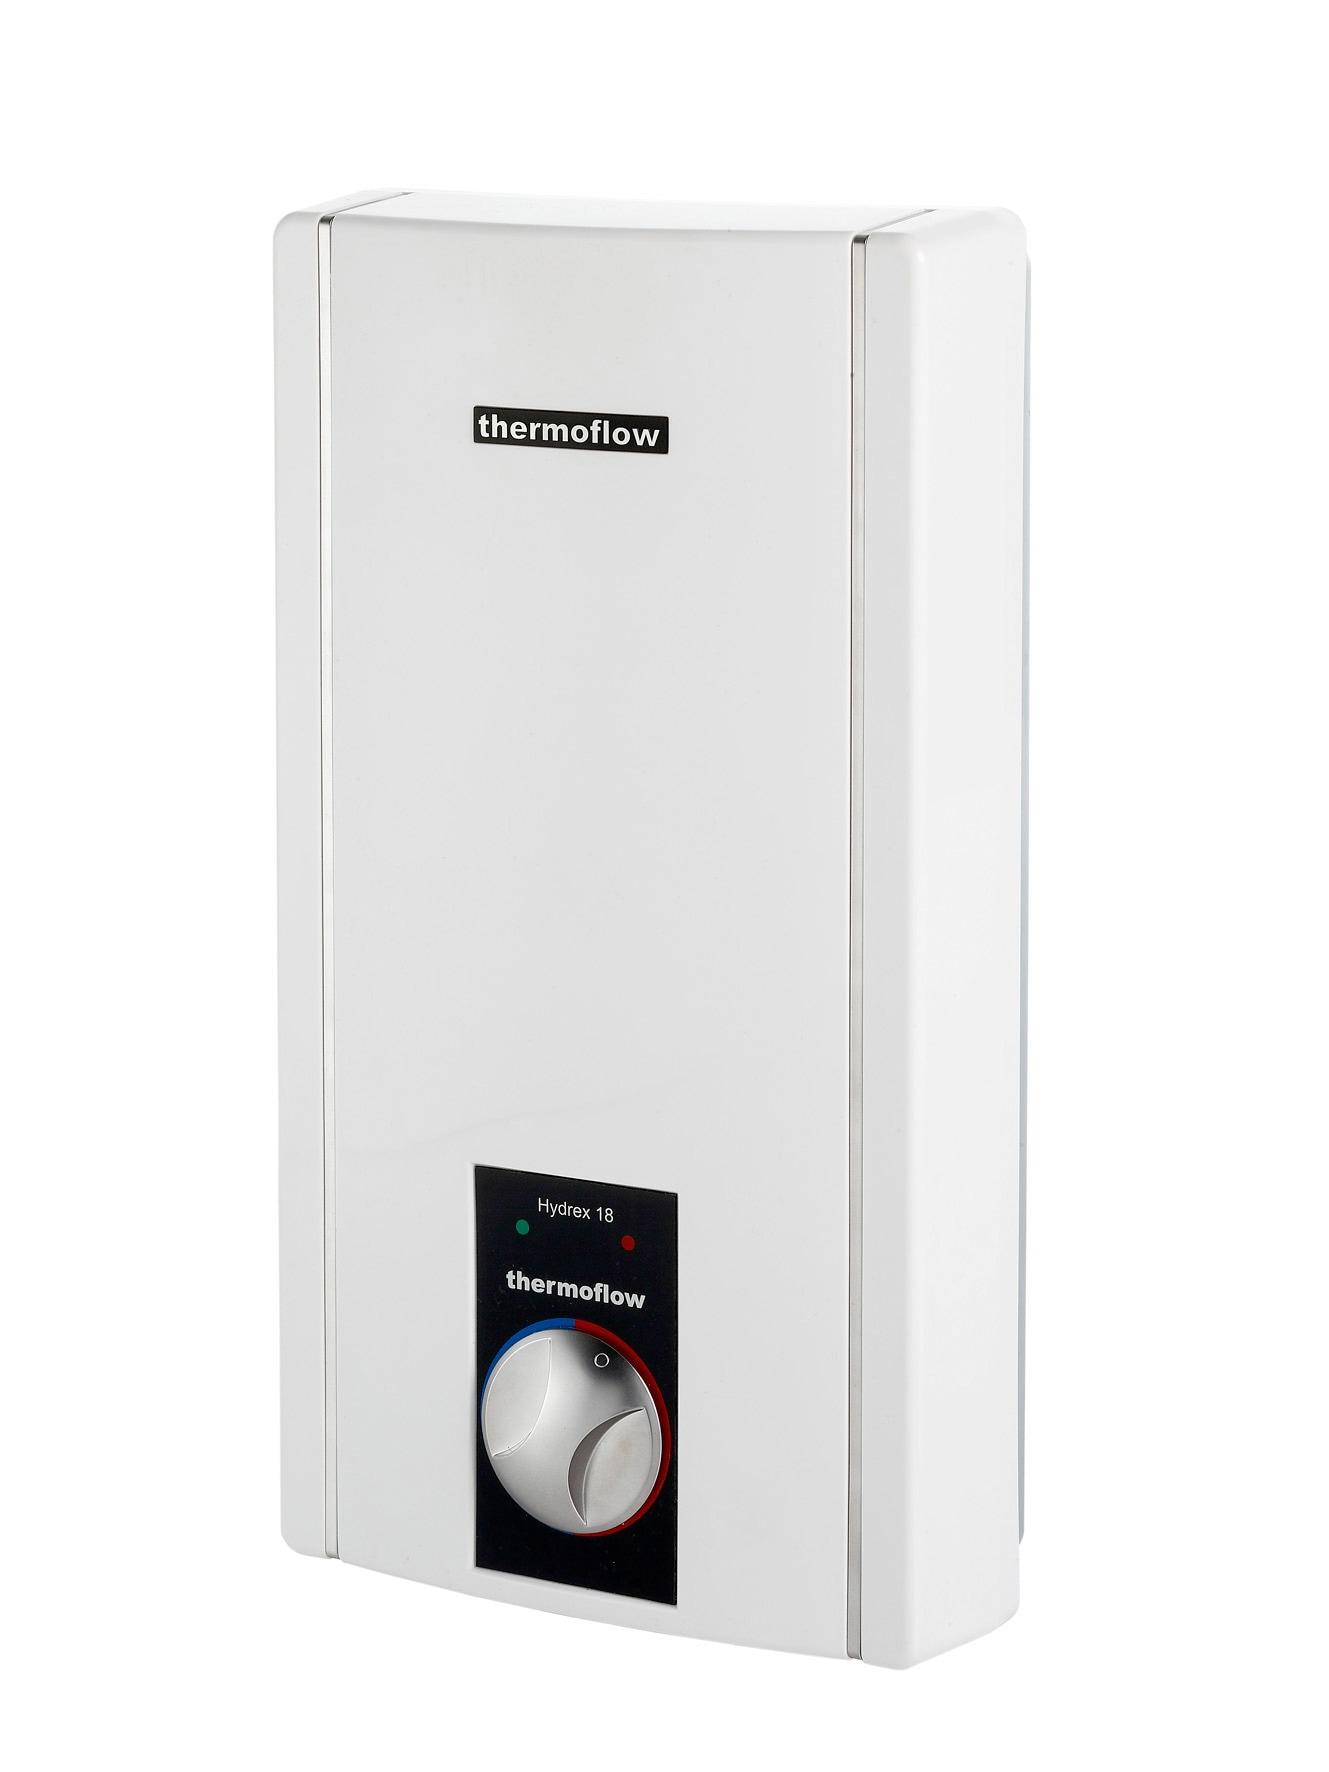 THERMOFLOW Durchlauferhitzer »Thermoflow Hydrex 18/21/24« | Baumarkt > Heizung und Klima > Durchlauferhitzer | Weiß | THERMOFLOW